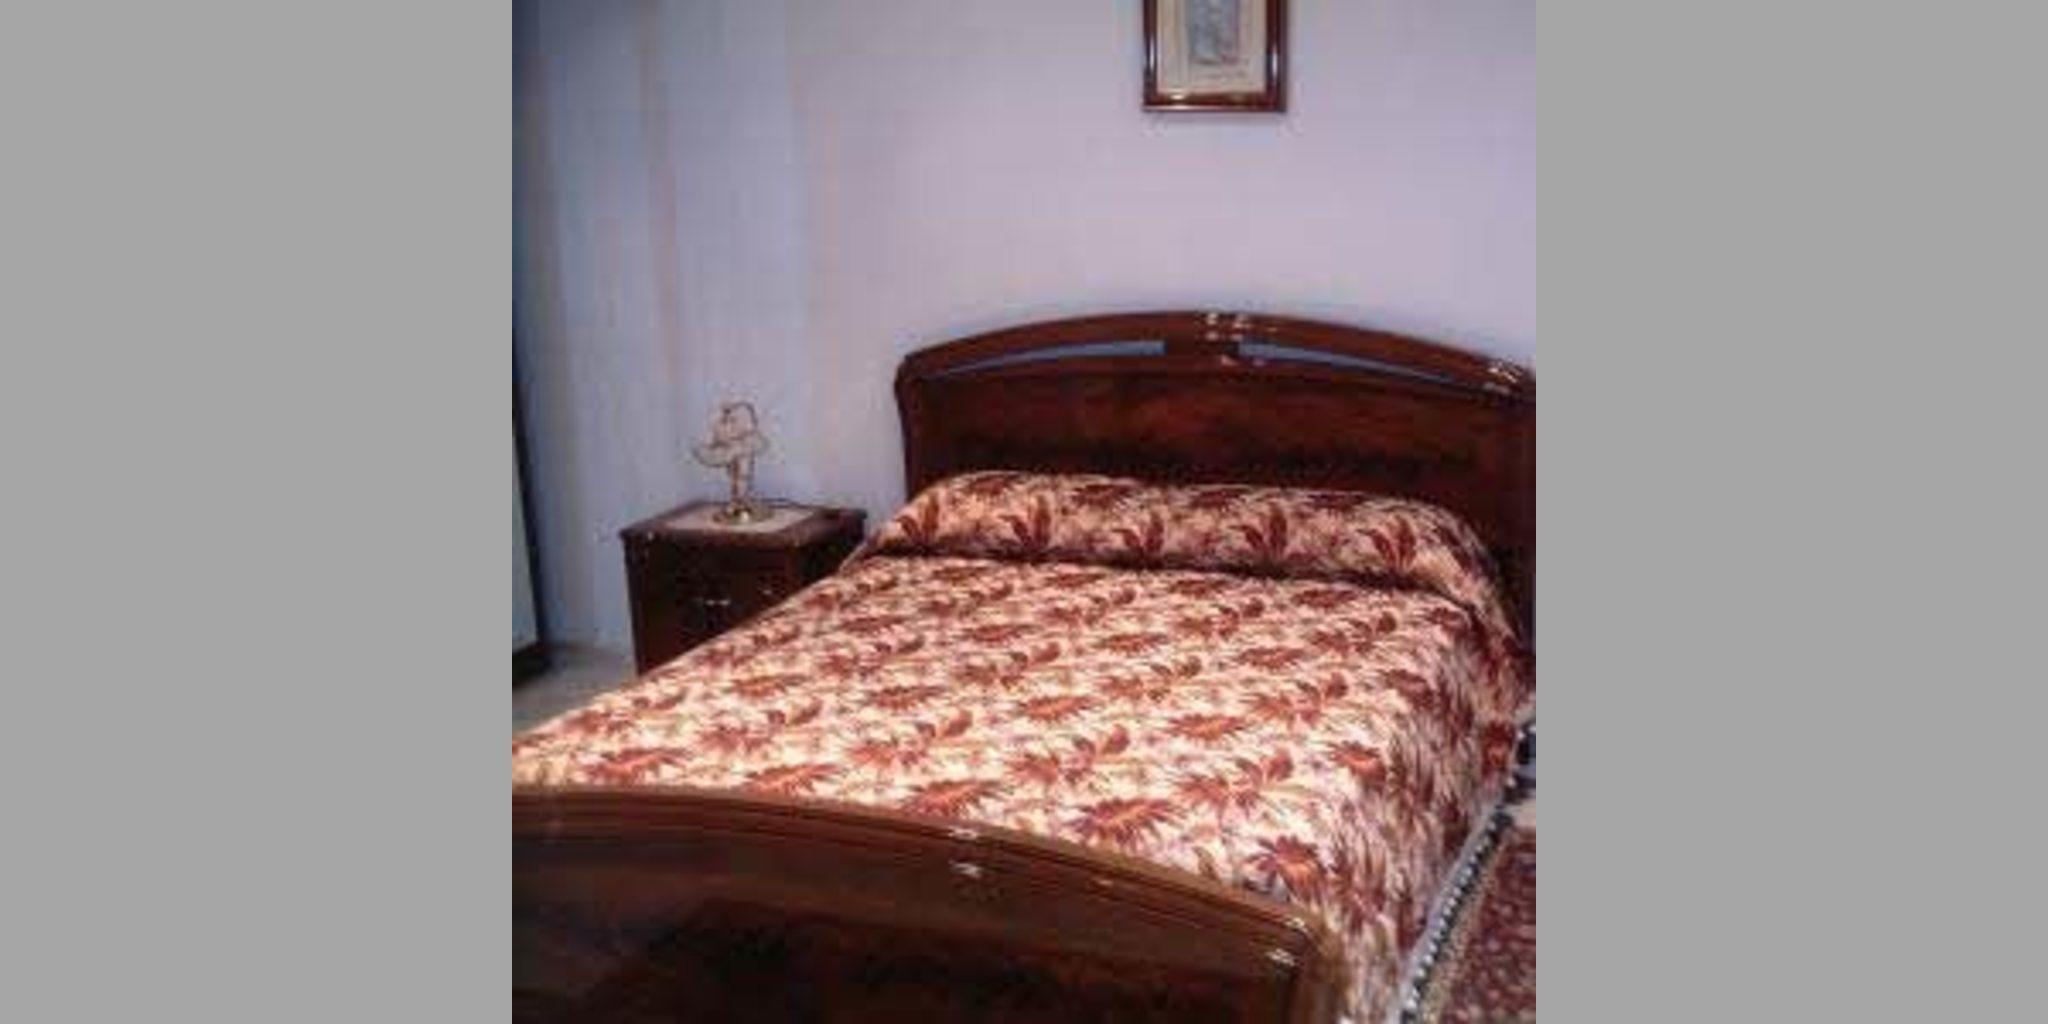 Bed & Breakfast Morano Calabro - Contrada Forni